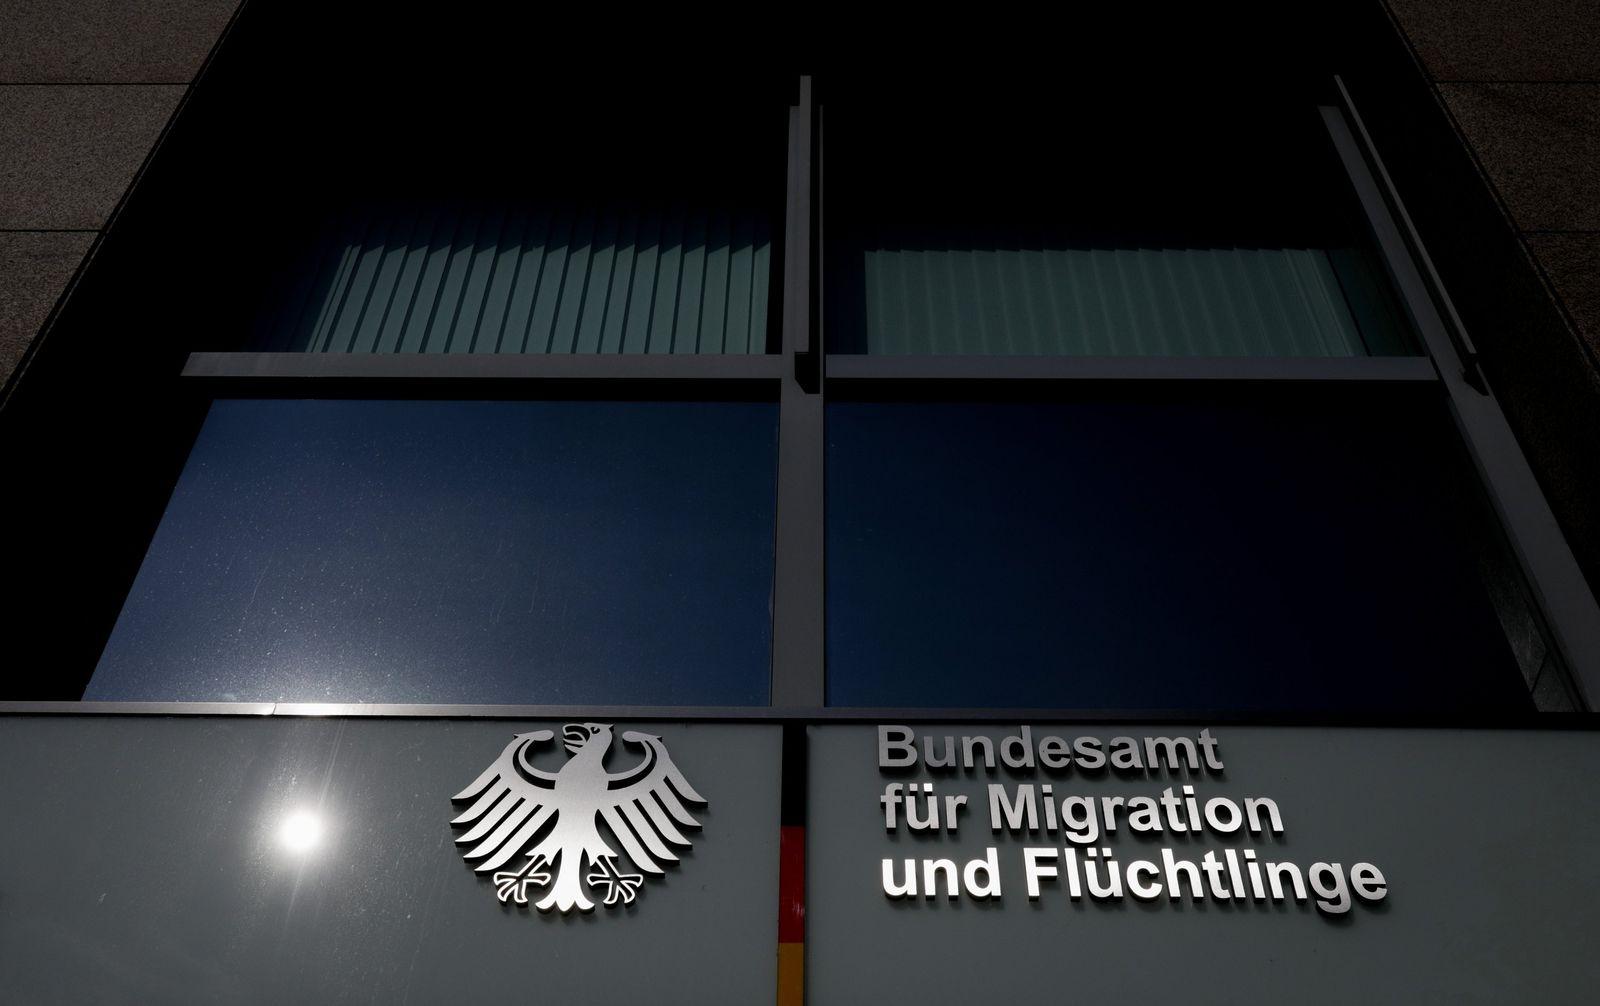 BAMF/ Bundesamt für Migration und Flüchtlinge